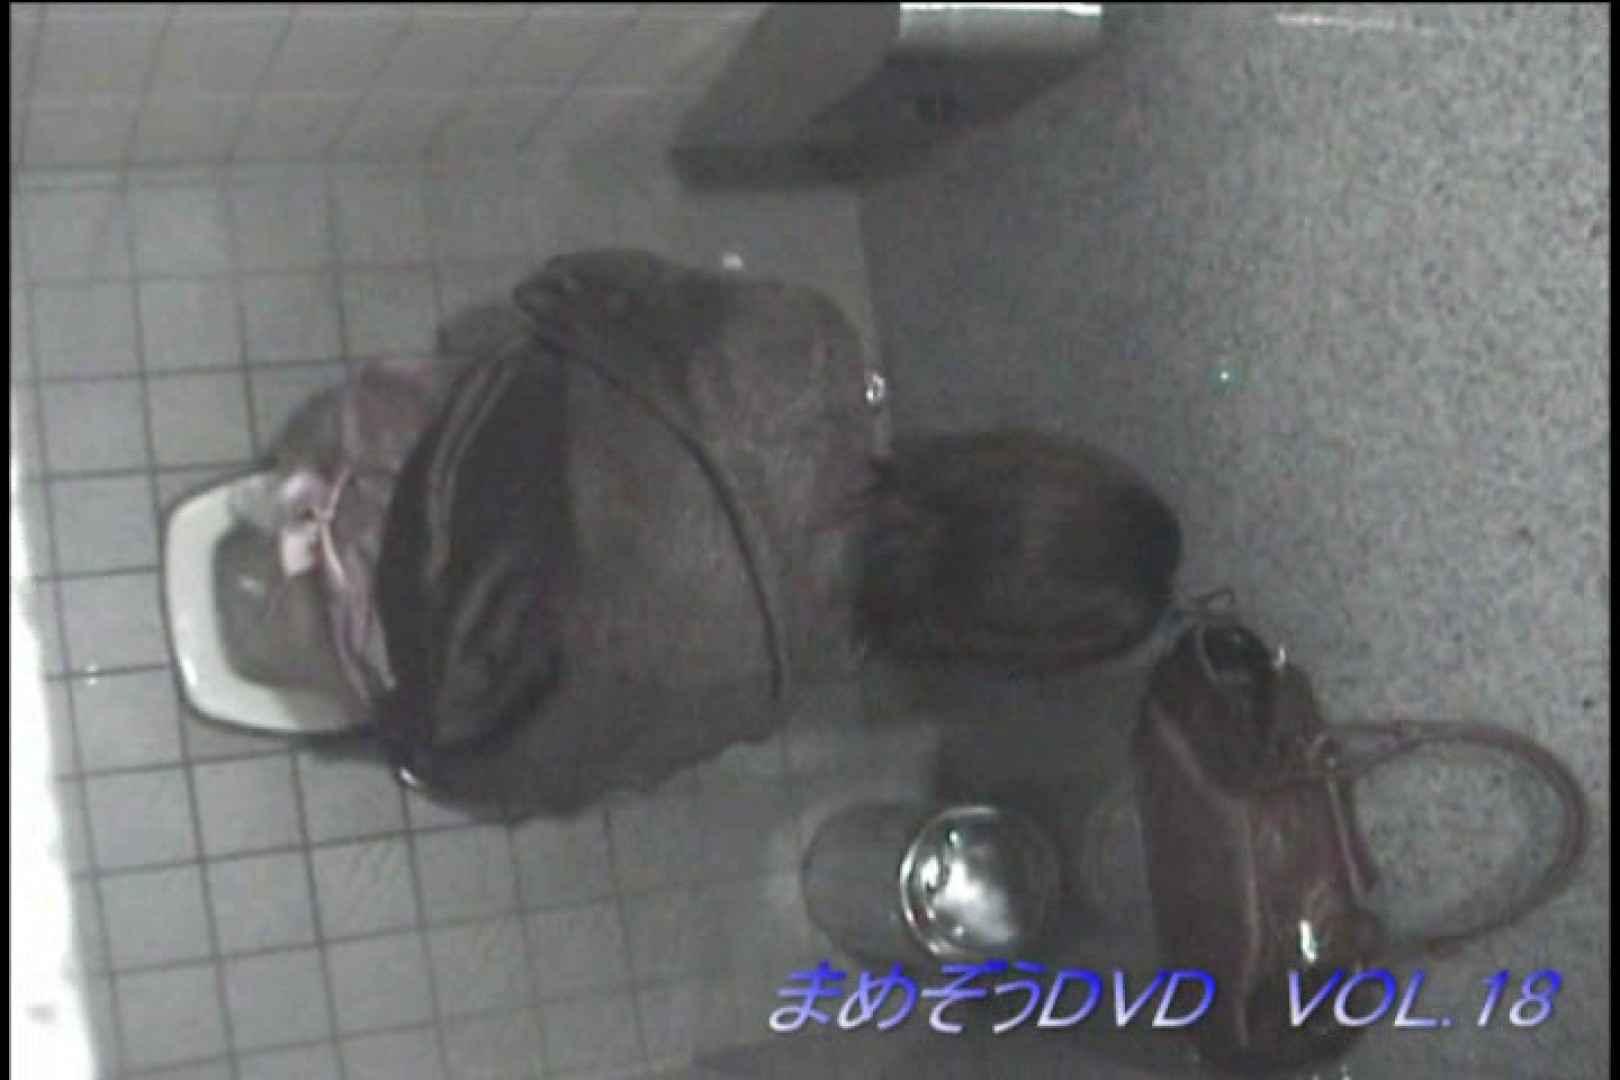 まめぞうDVD完全版VOL.18 ギャル盗撮映像  76PIX 38